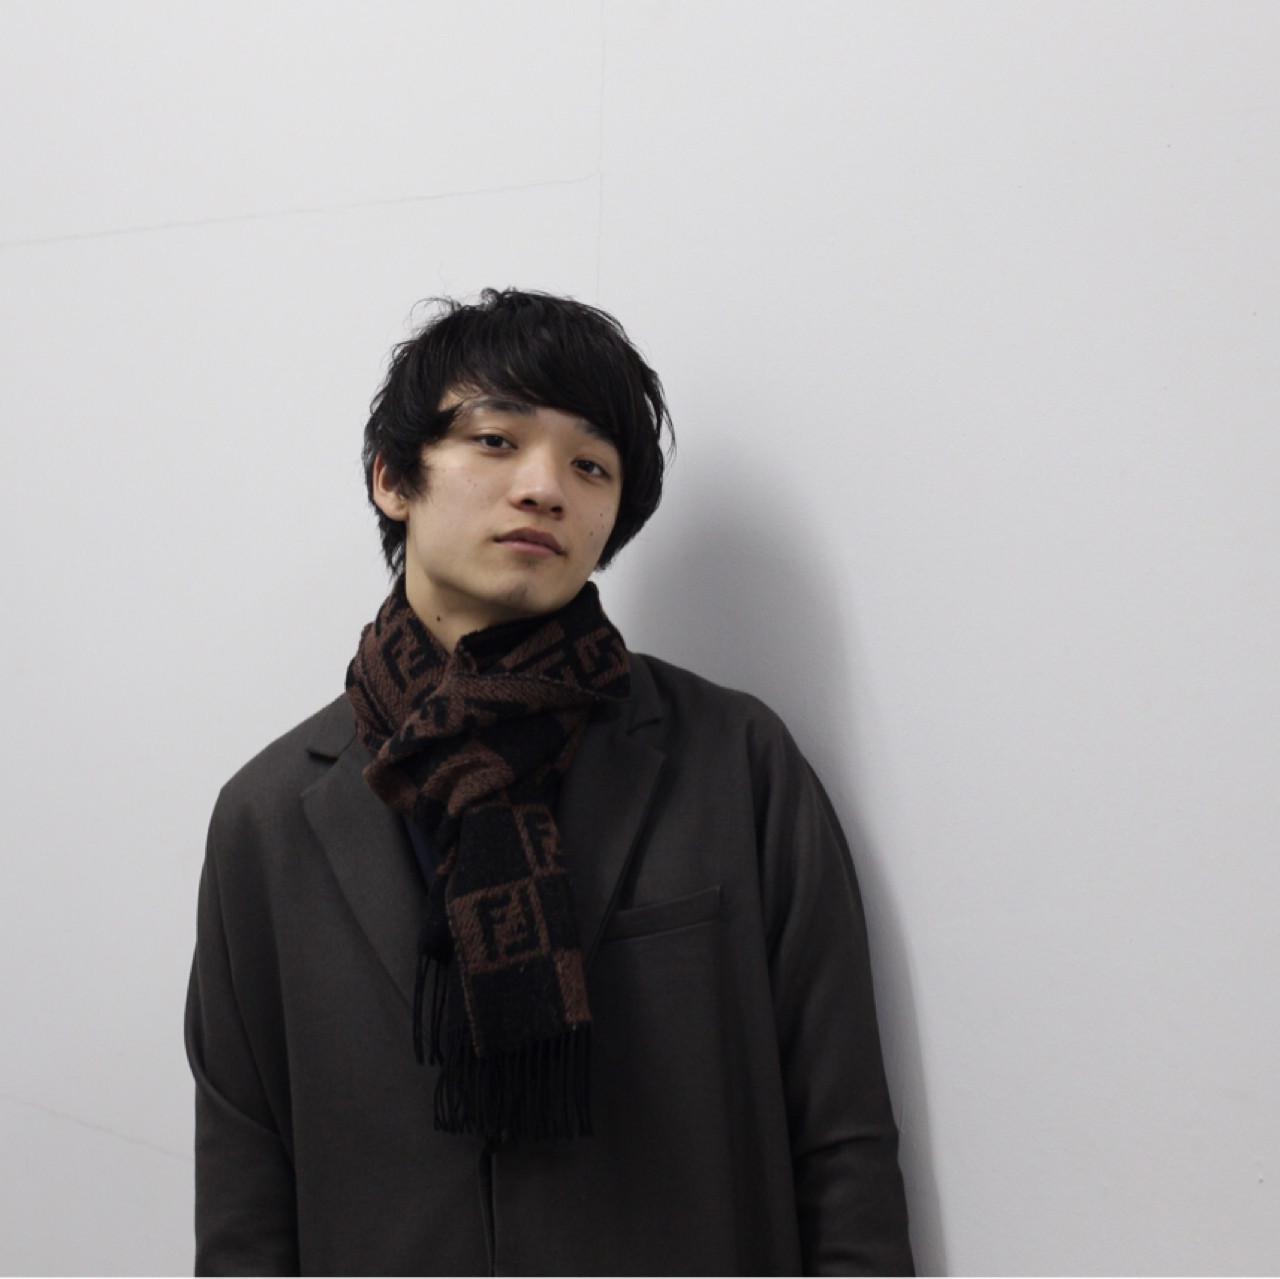 黒髪 ボーイッシュ メンズ ナチュラル ヘアスタイルや髪型の写真・画像